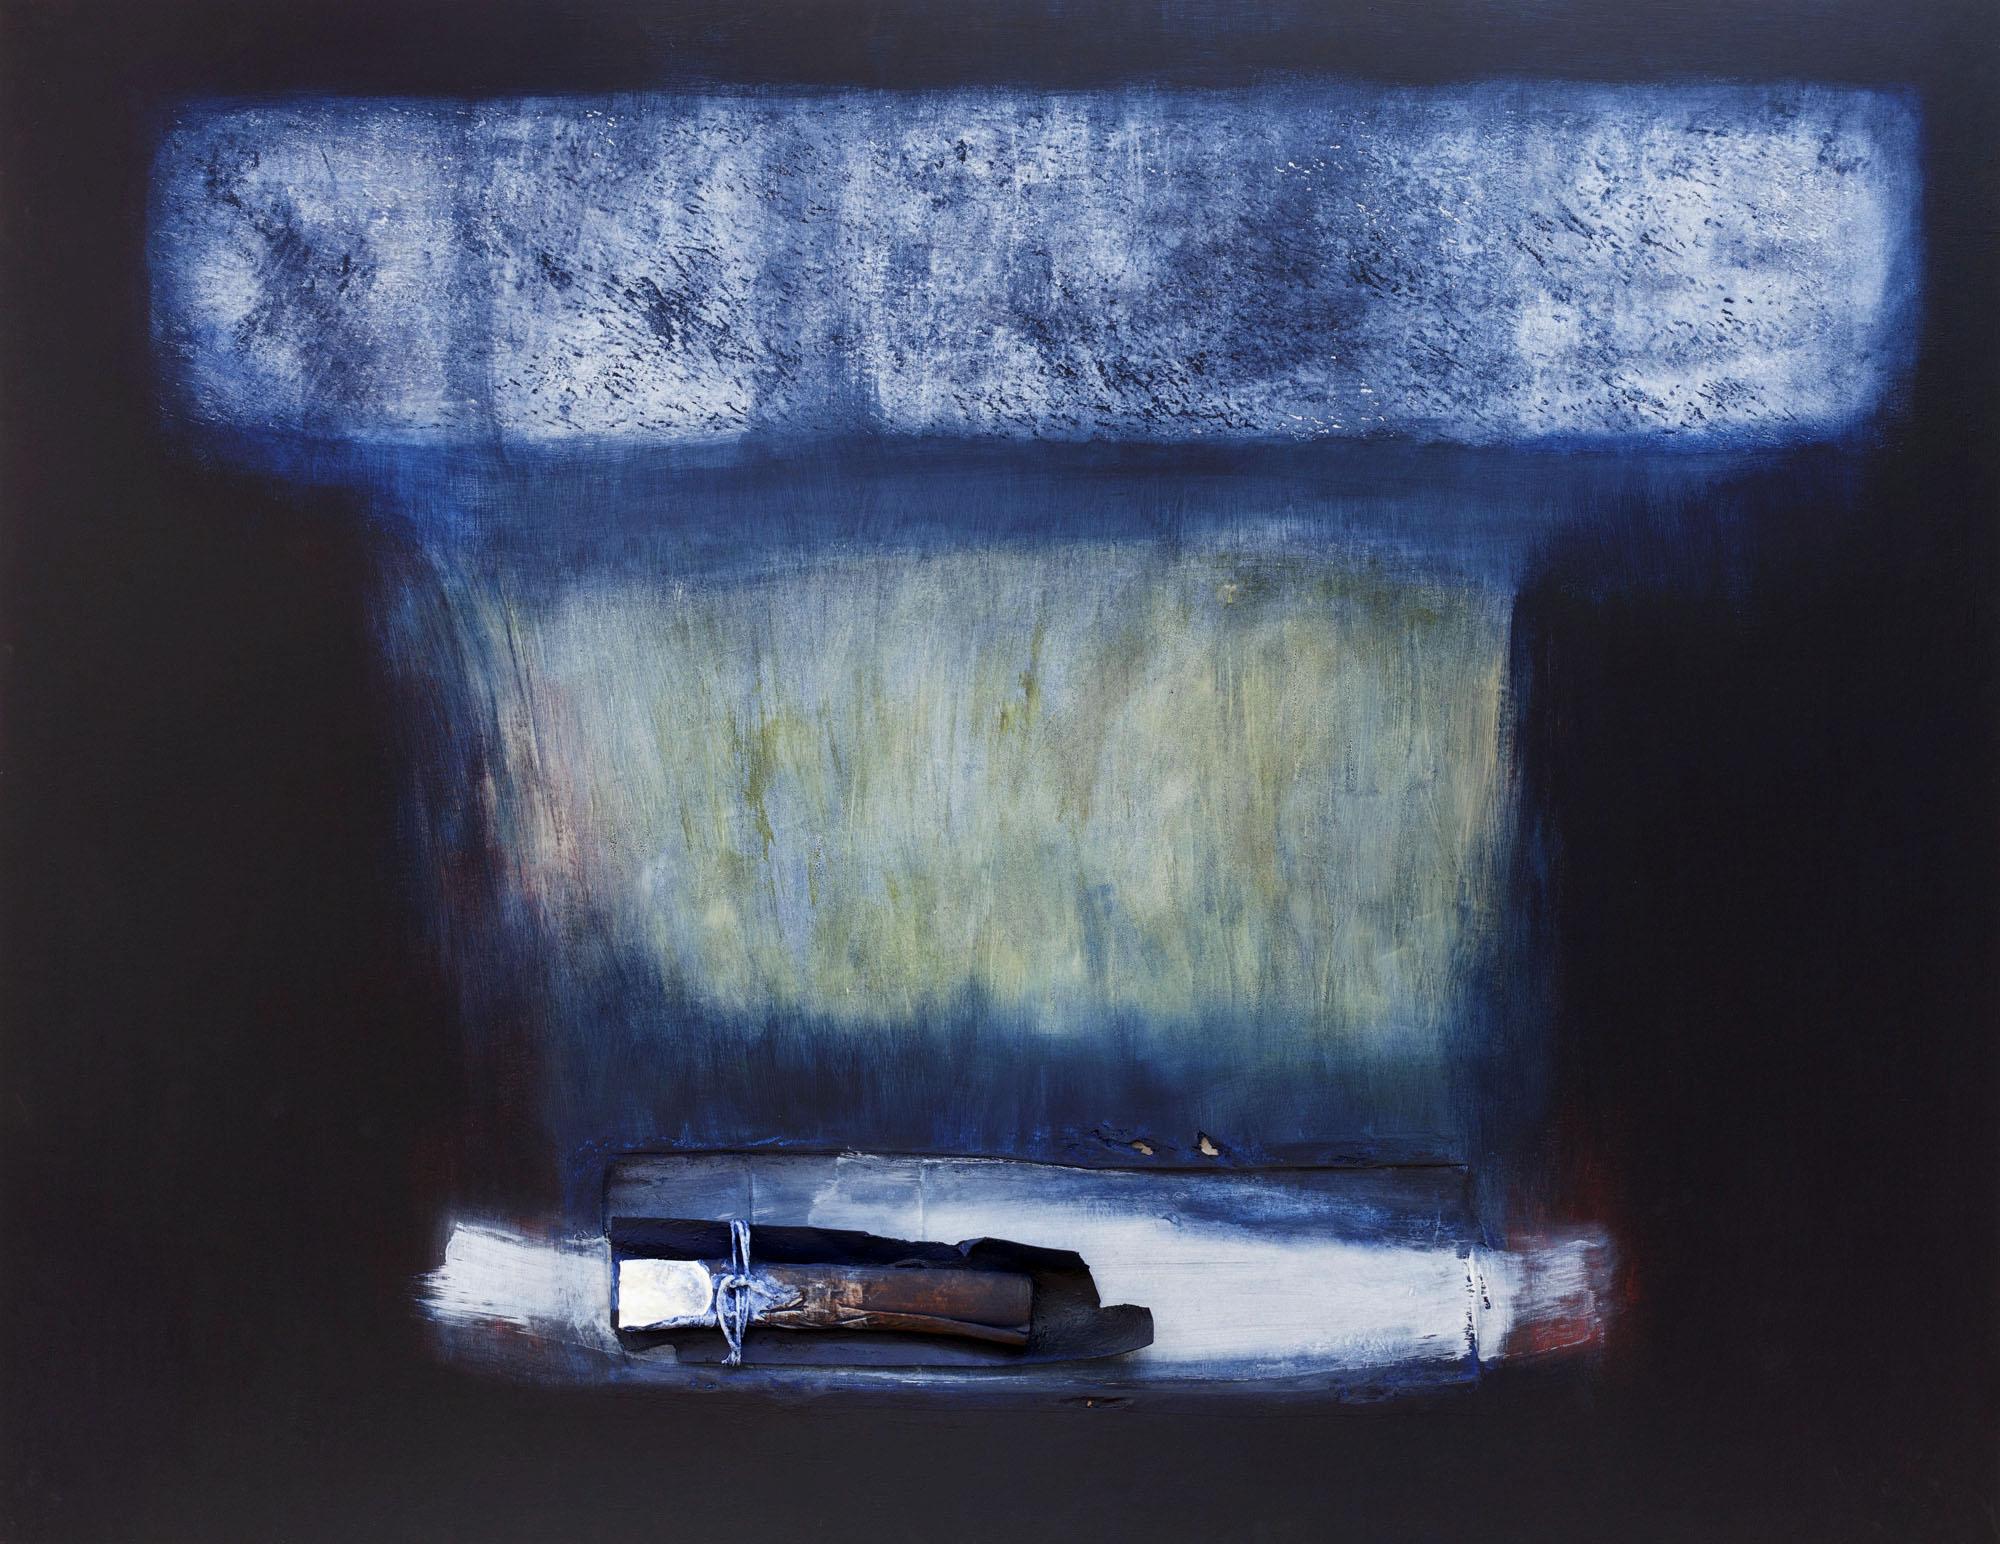 Passage (2015)